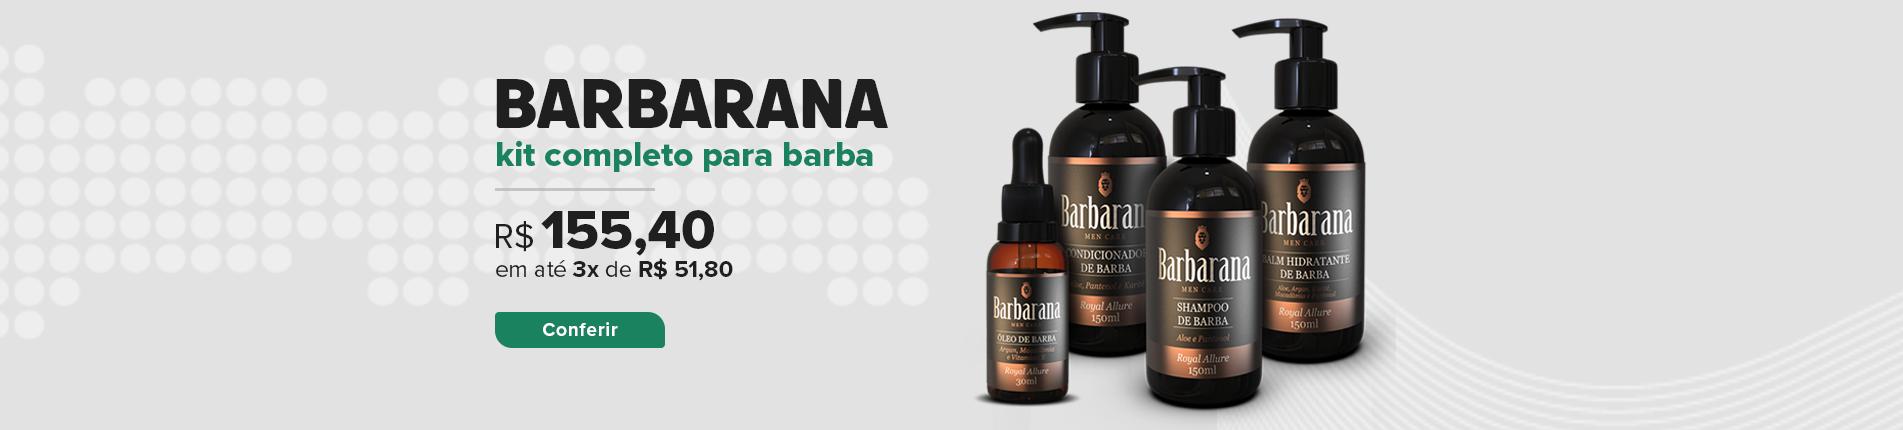 Banner Barbarana